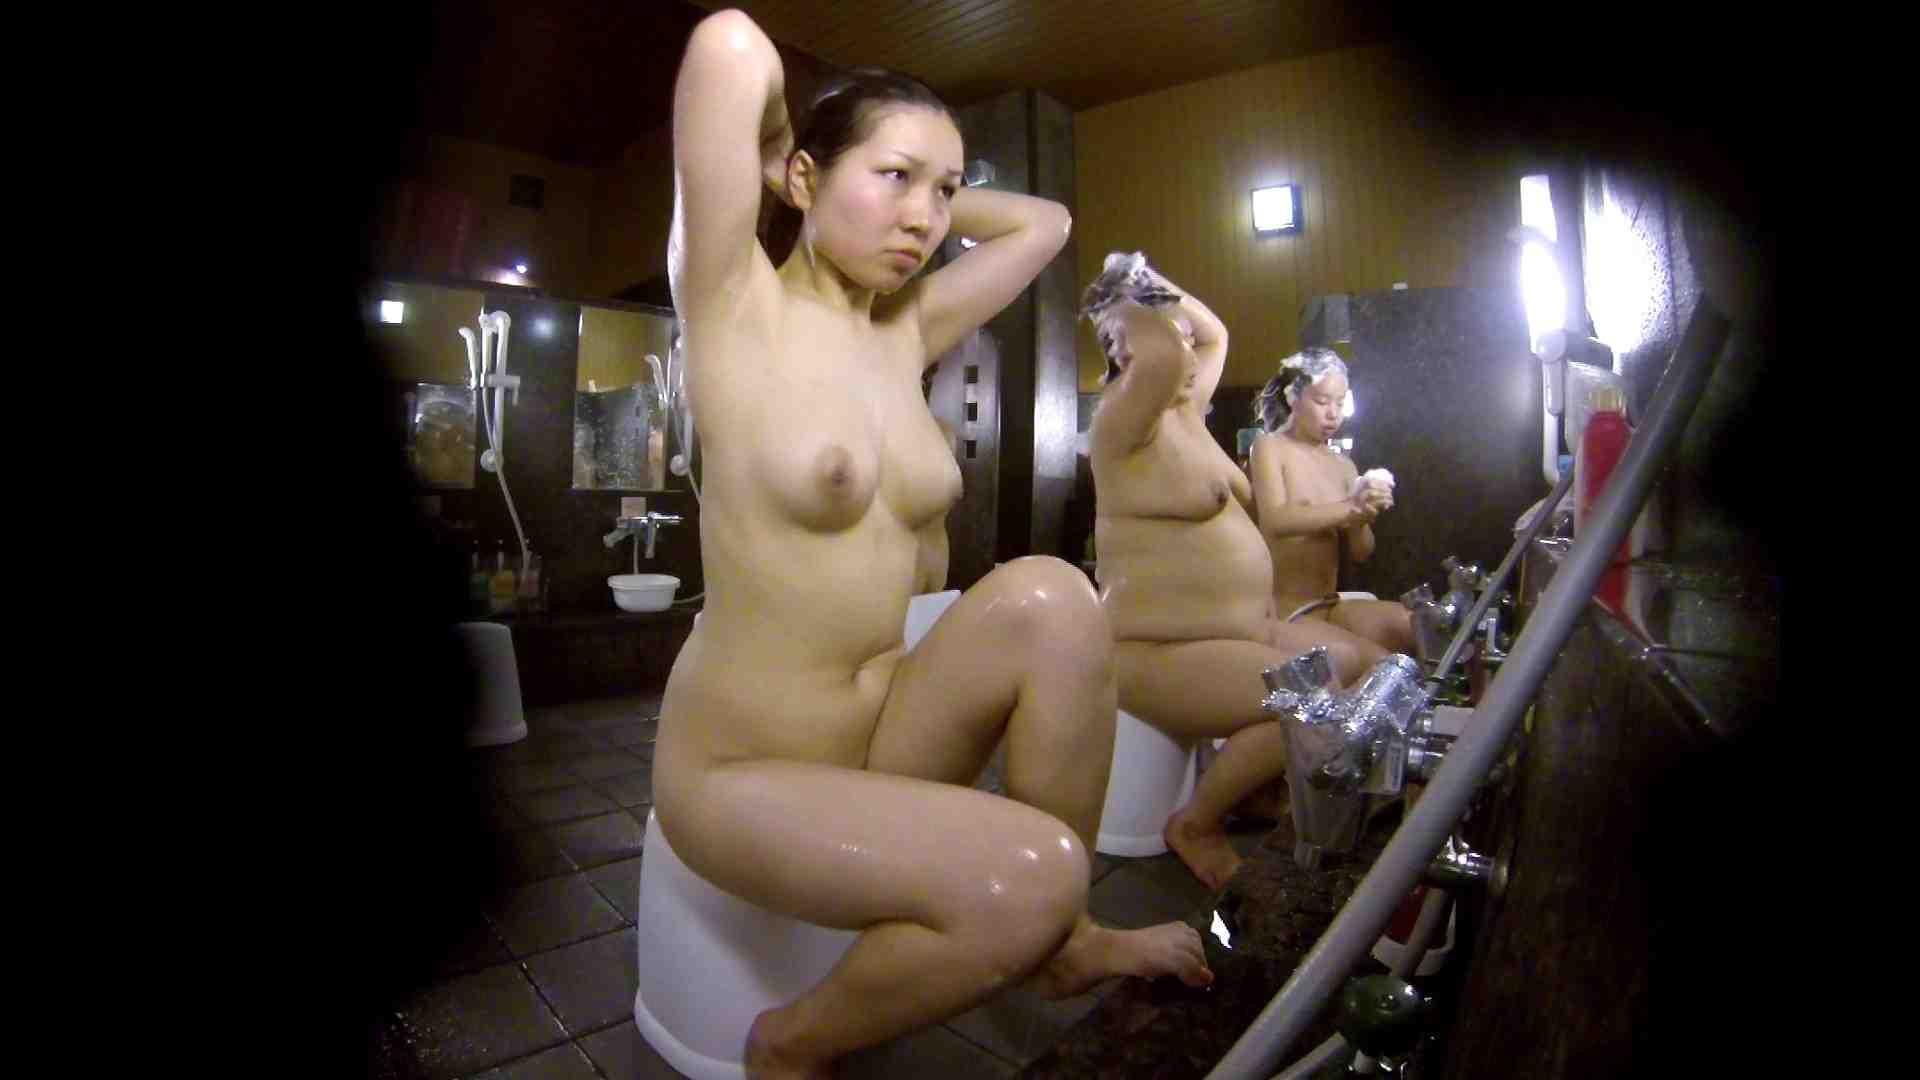 洗い場!色白でなかなかの美巨乳。柔らかく揺れまくりです 銭湯 盗み撮りオマンコ動画キャプチャ 92pic 59